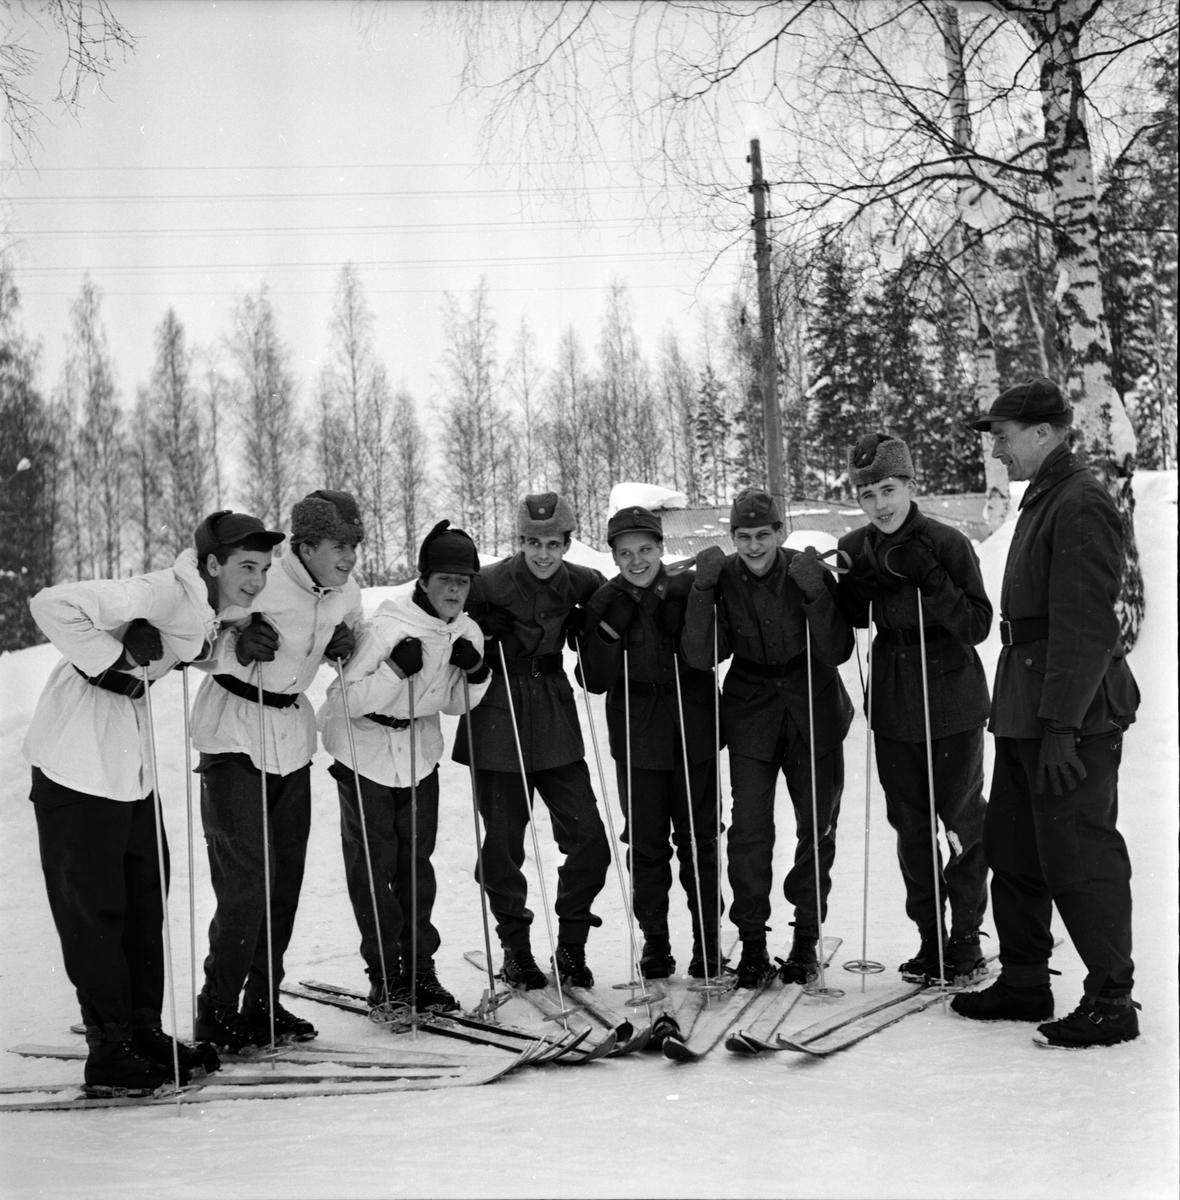 Stagården, Ungdomar på kurs, 1 Mars 1966